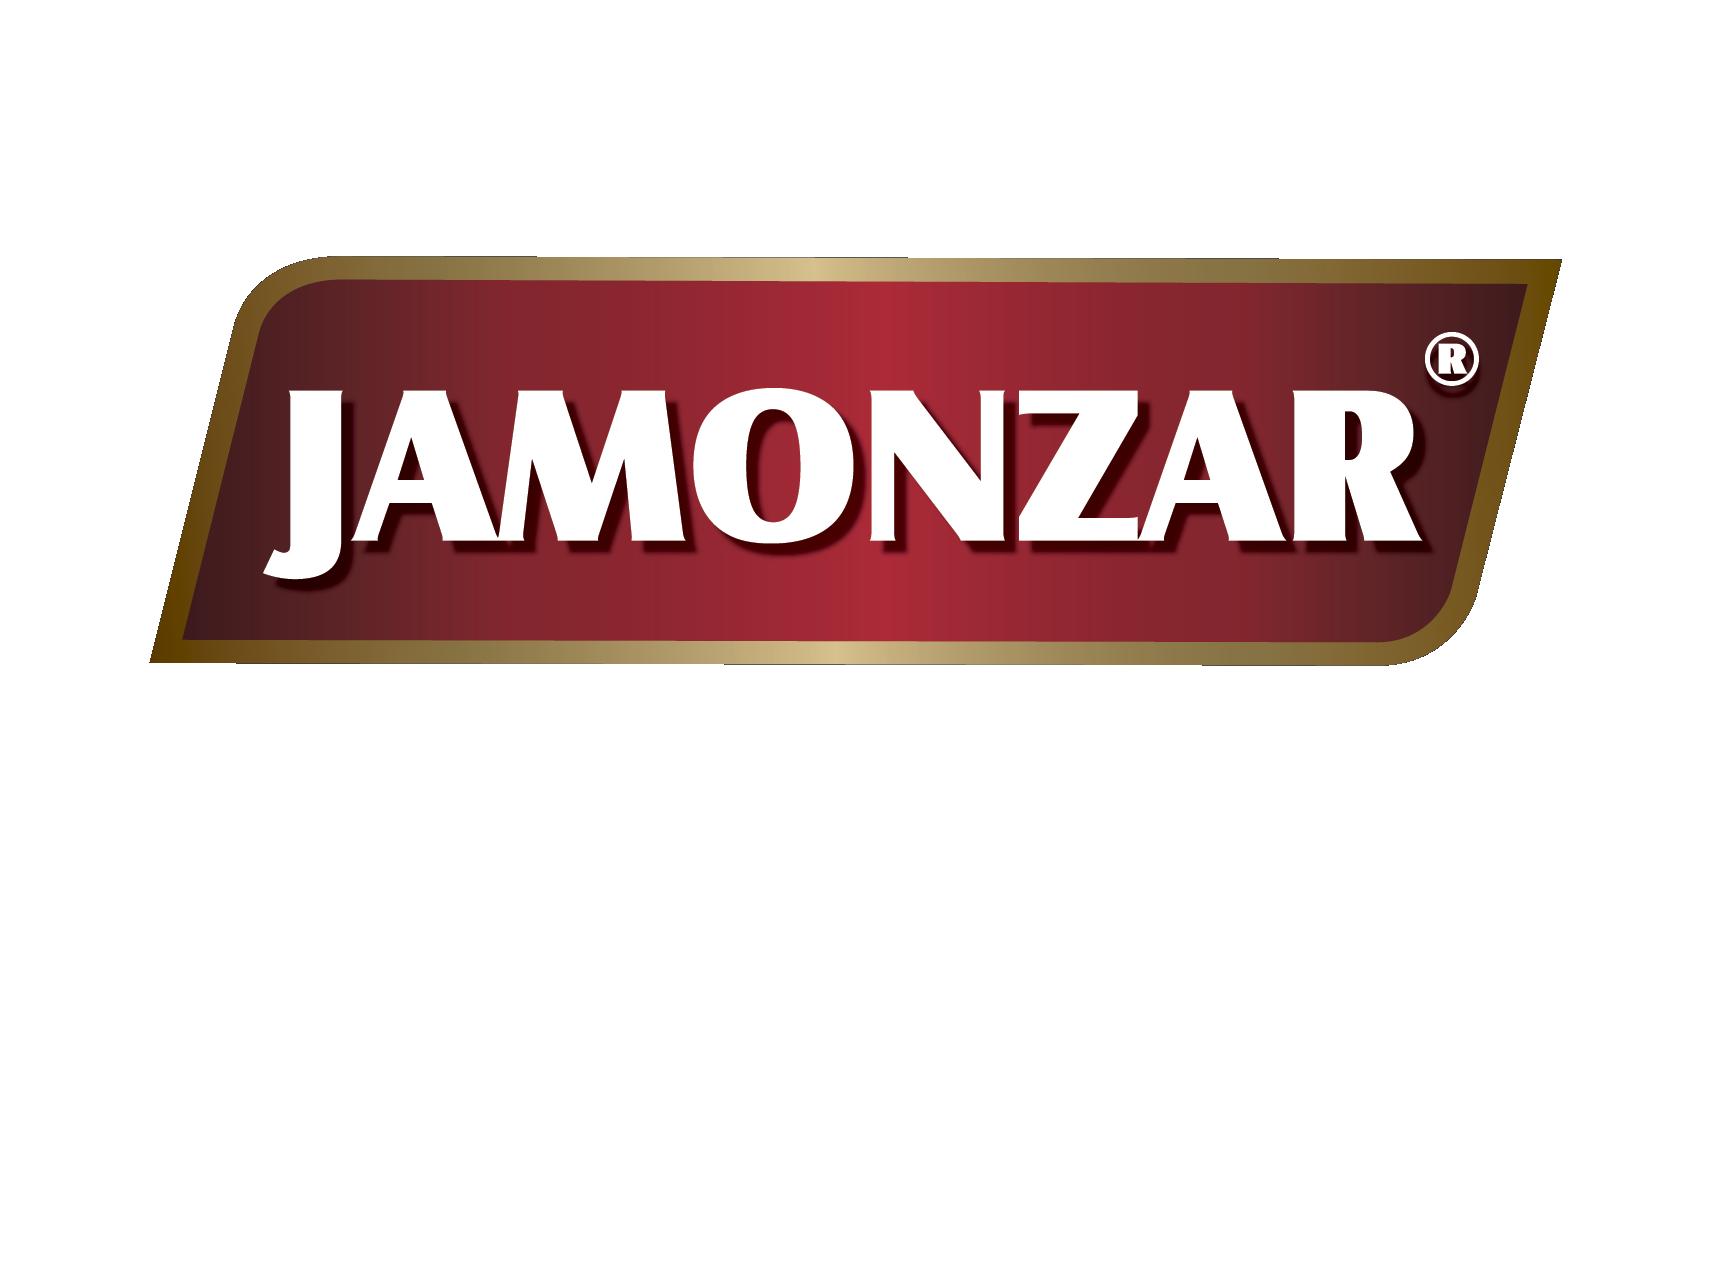 Logotipo Jamonzar - Sabor Granada